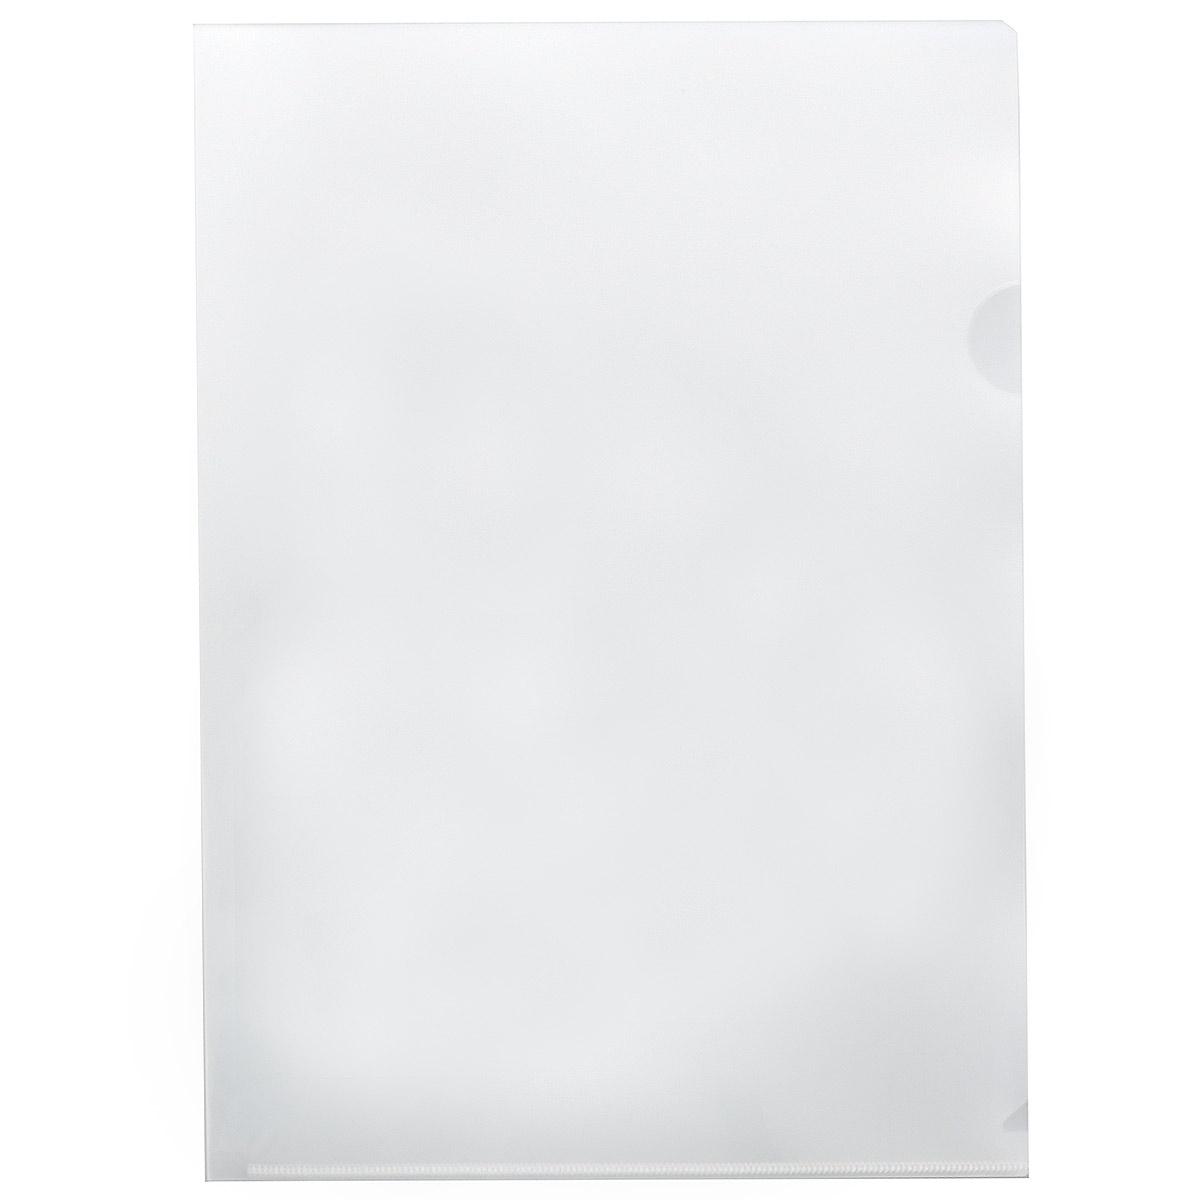 Centrum Папка-уголок цвет прозрачный 12 штПР4_10641Папка-уголок Centrum - это удобный и практичный офисный инструмент, предназначенный для хранения и транспортировки рабочих бумаг и документов формата А4. Папка изготовлена из плотного глянцевого пластика, имеет опрятный и неброский вид. В комплект входят 12 папок формата А4.Папка-уголок - это незаменимый атрибут для студента, школьника, офисного работника. Такая папка надежно сохранит ваши документы и сбережет их от повреждений, пыли и влаги.